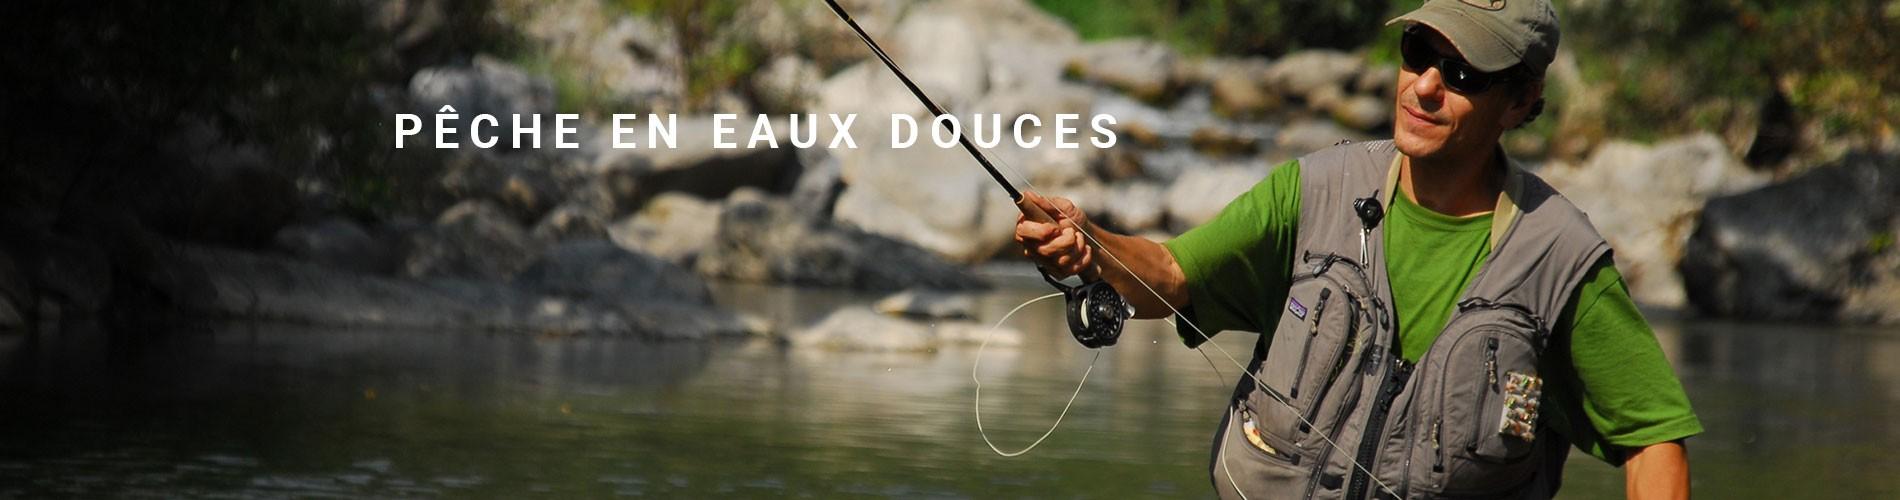 Pêche en eaux douces